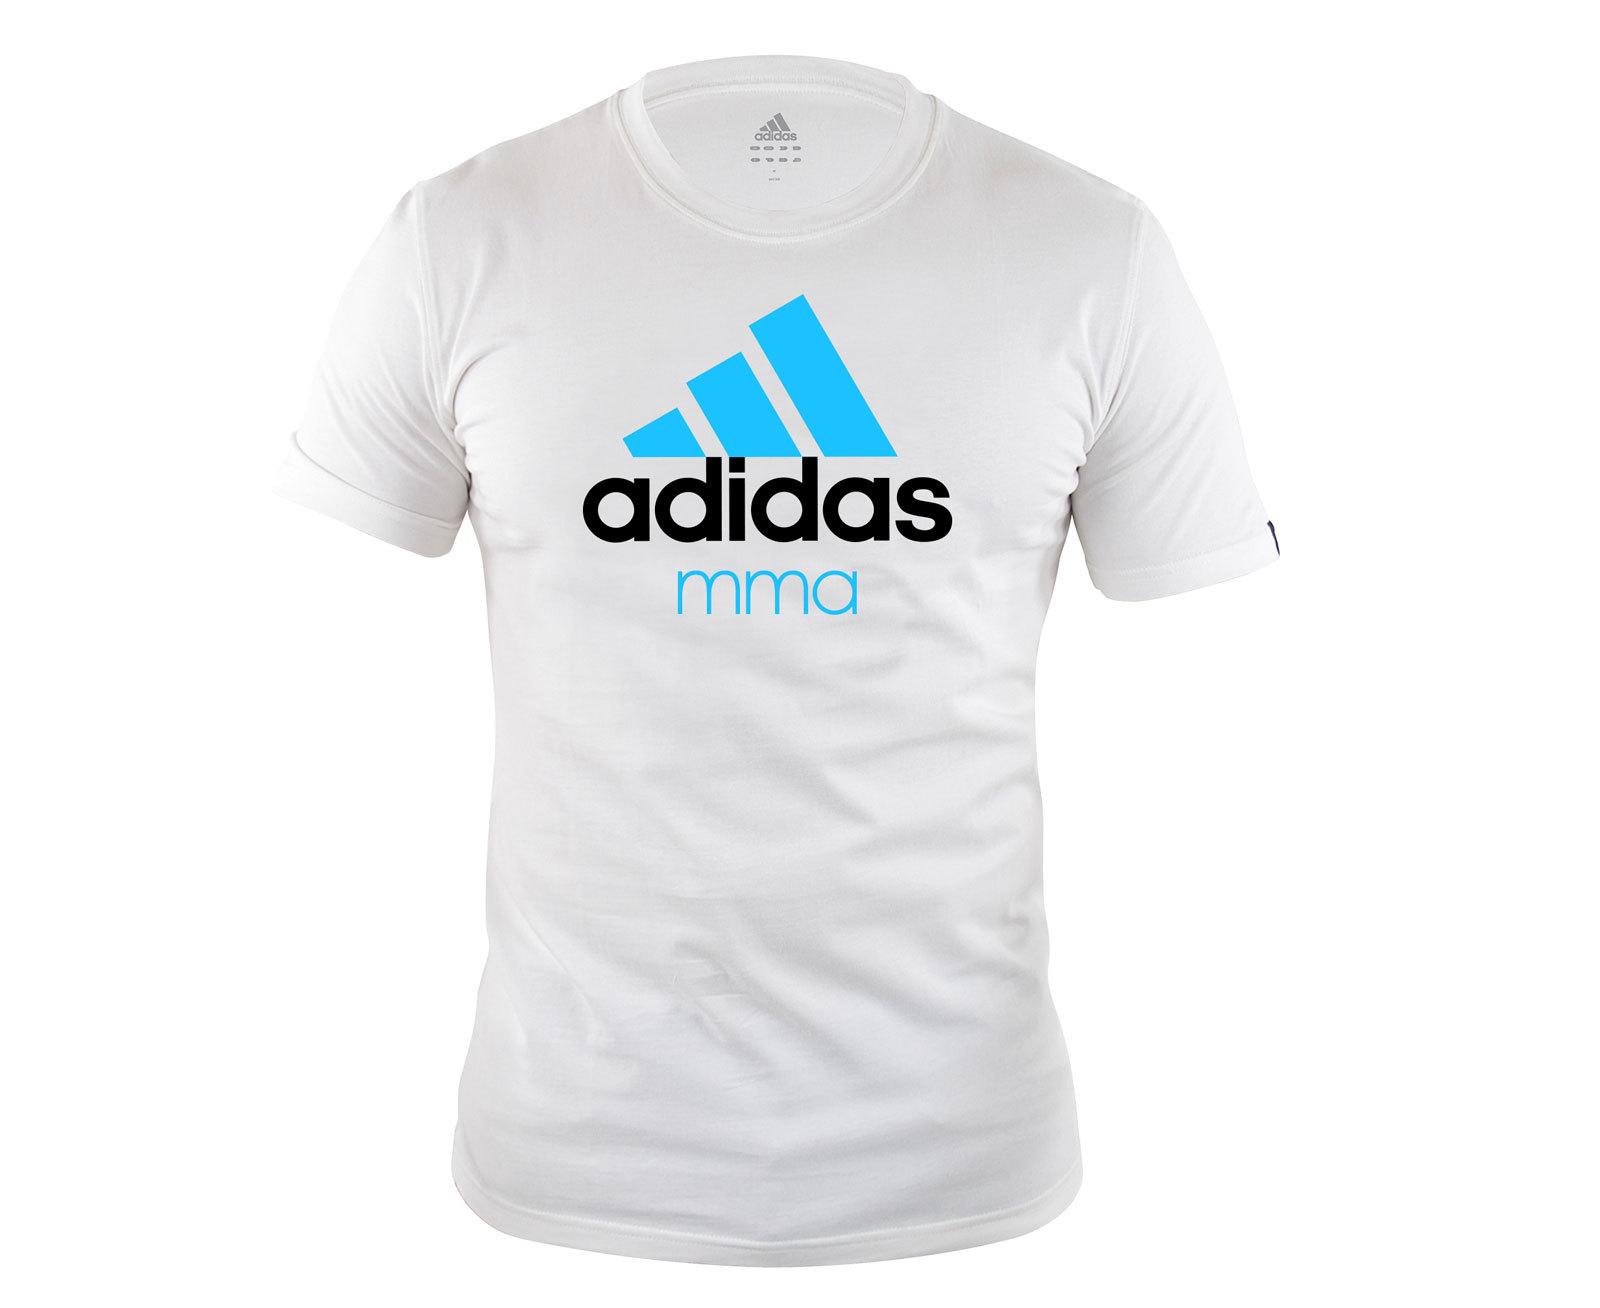 Одежда Футболка Community T-Shirt MMA futbolka_community_t_shirt_mma_belo_sinyaya.jpg